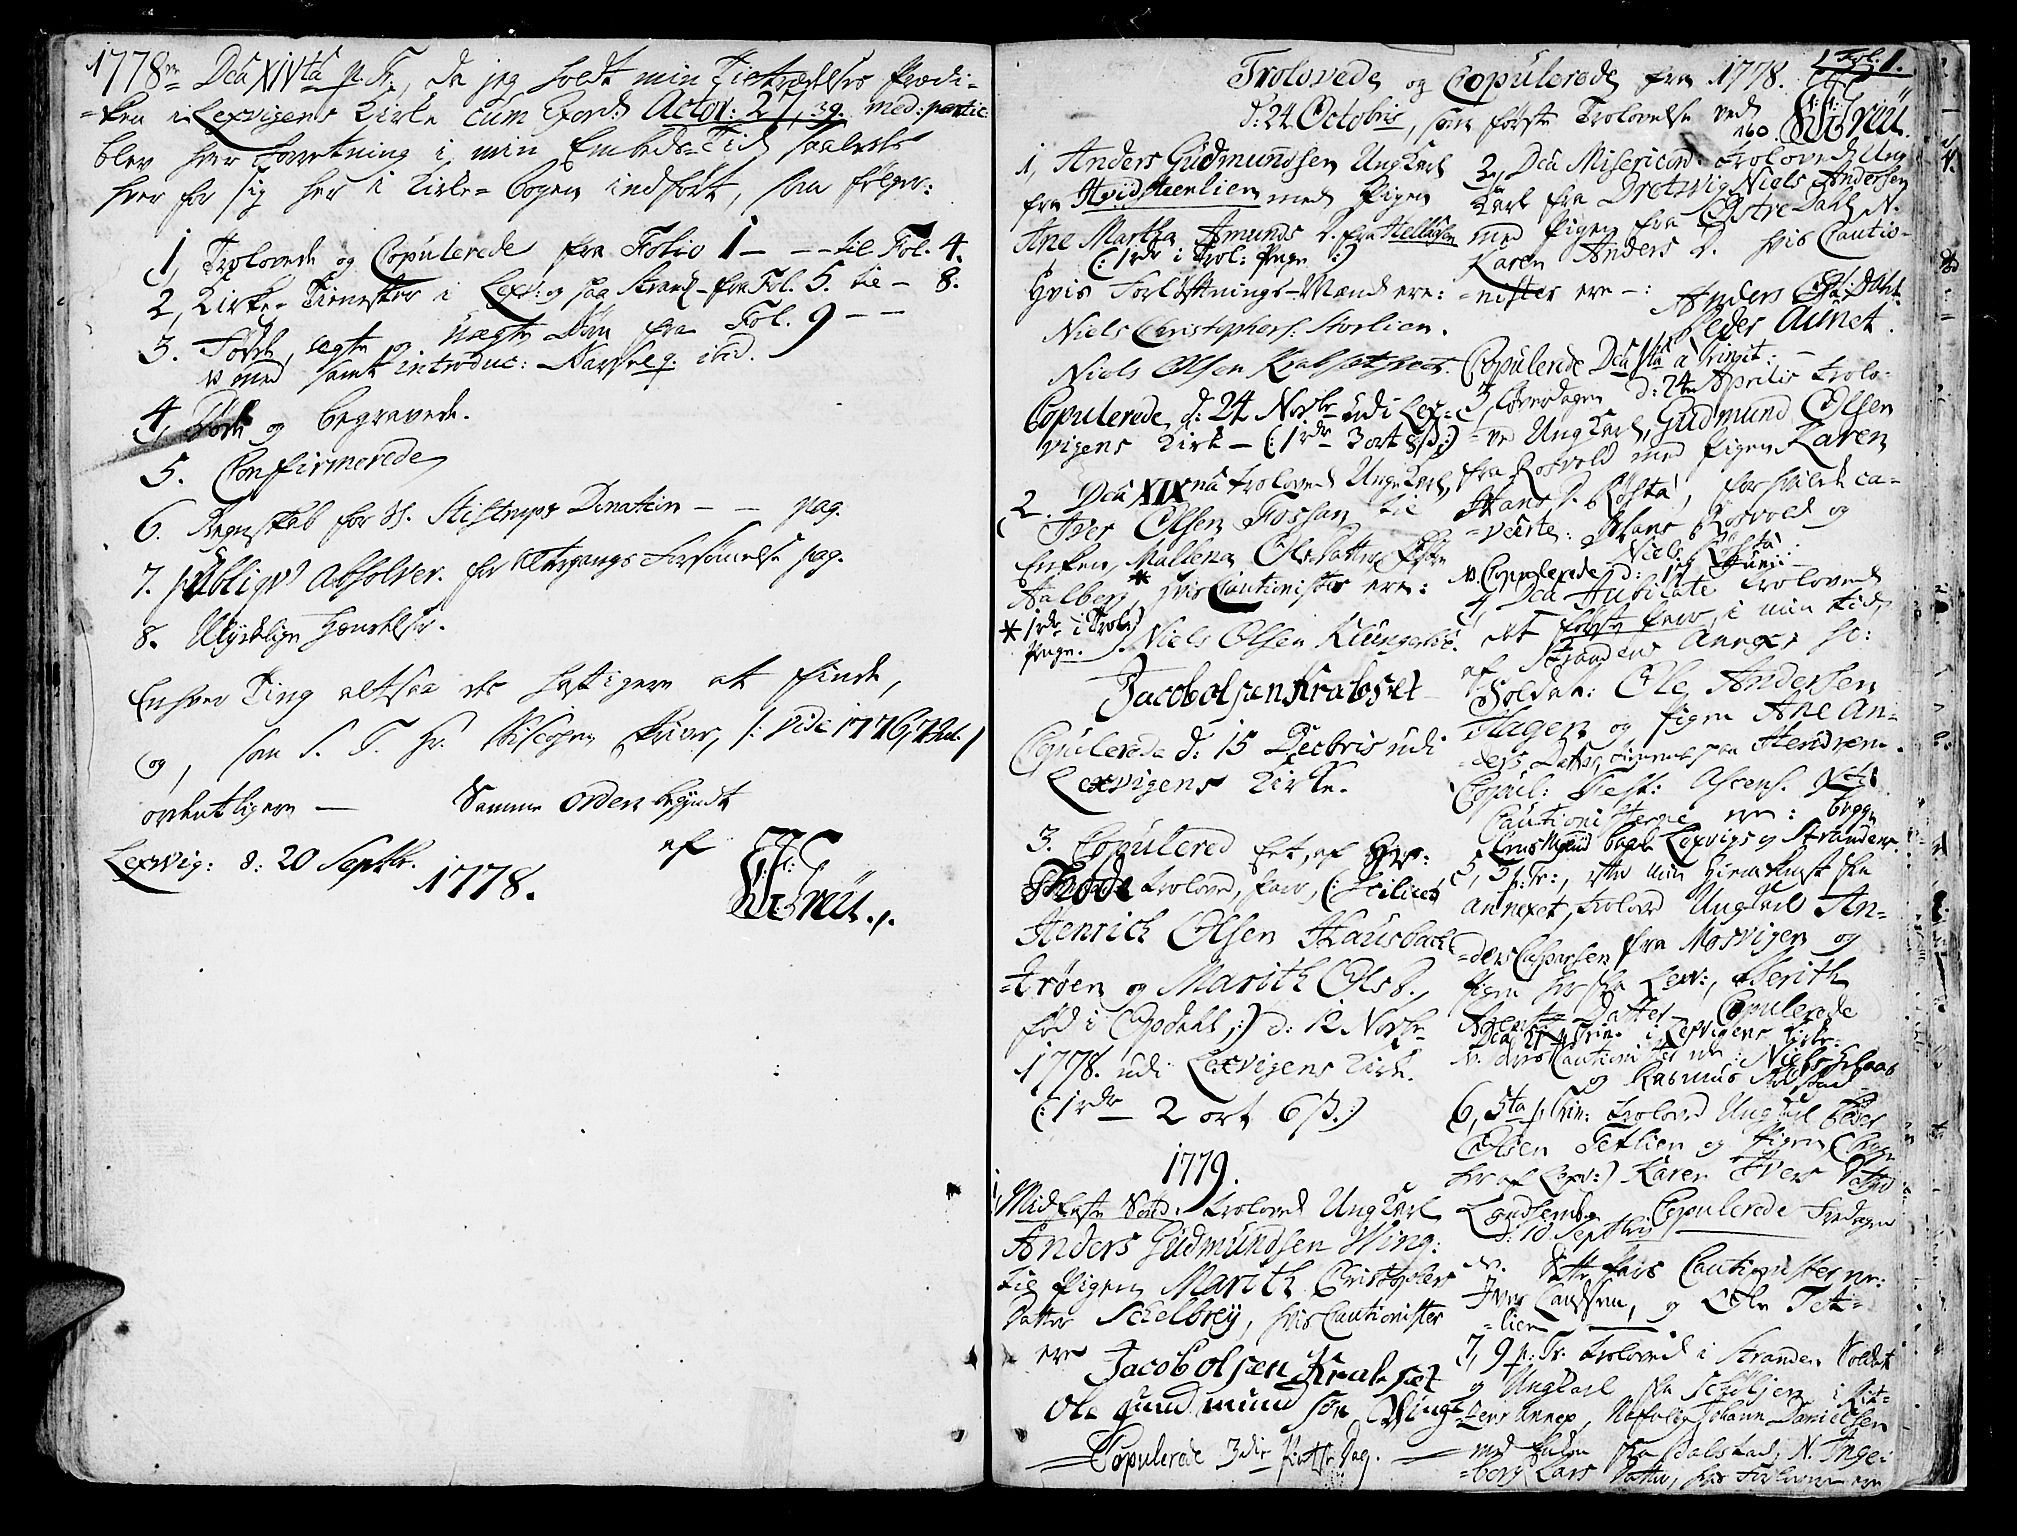 SAT, Ministerialprotokoller, klokkerbøker og fødselsregistre - Nord-Trøndelag, 701/L0003: Ministerialbok nr. 701A03, 1751-1783, s. 160